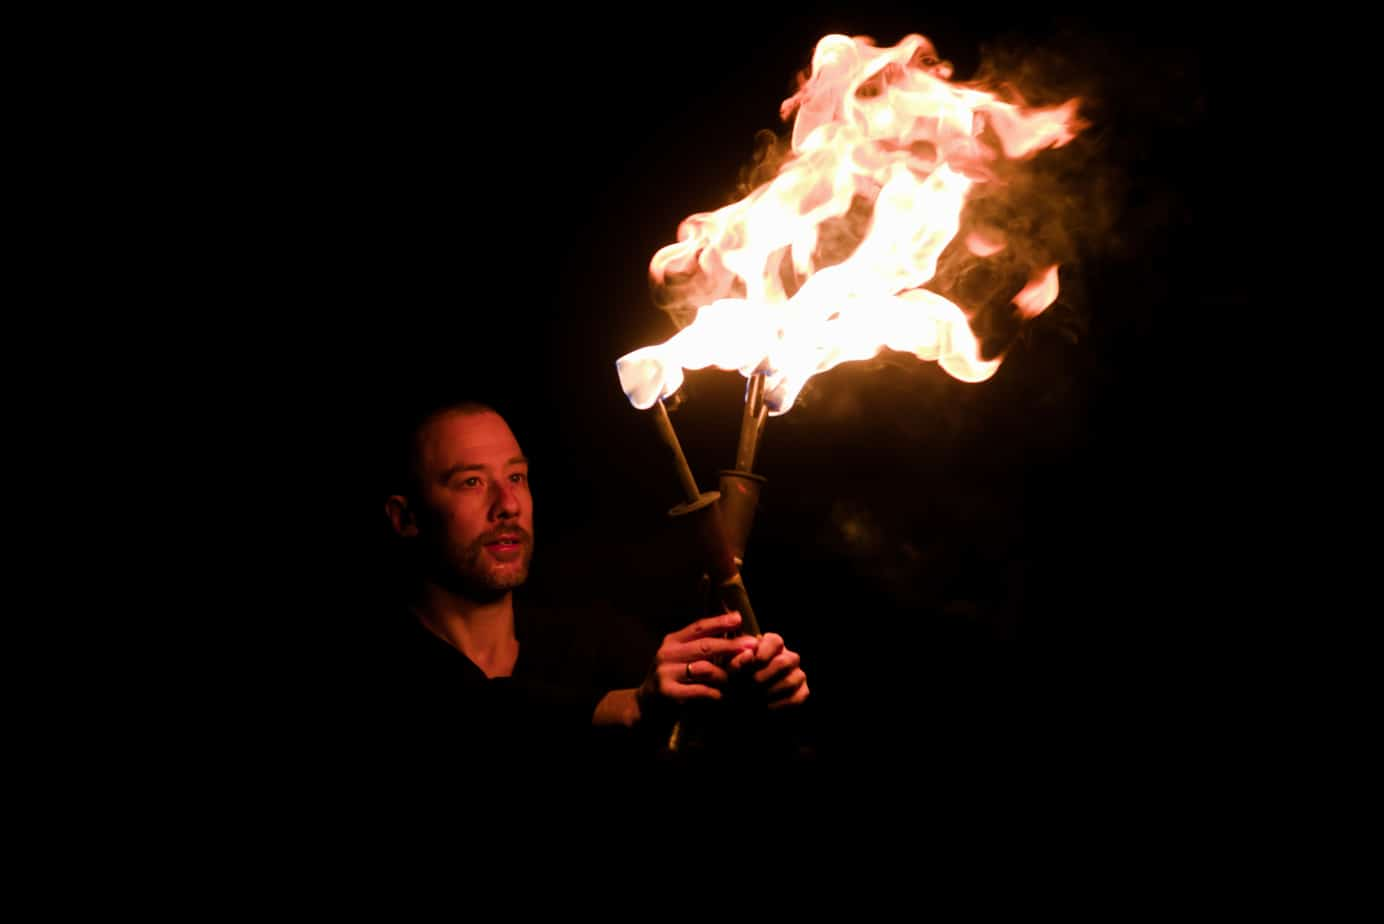 Feuerjonglage von Fabian Rieger